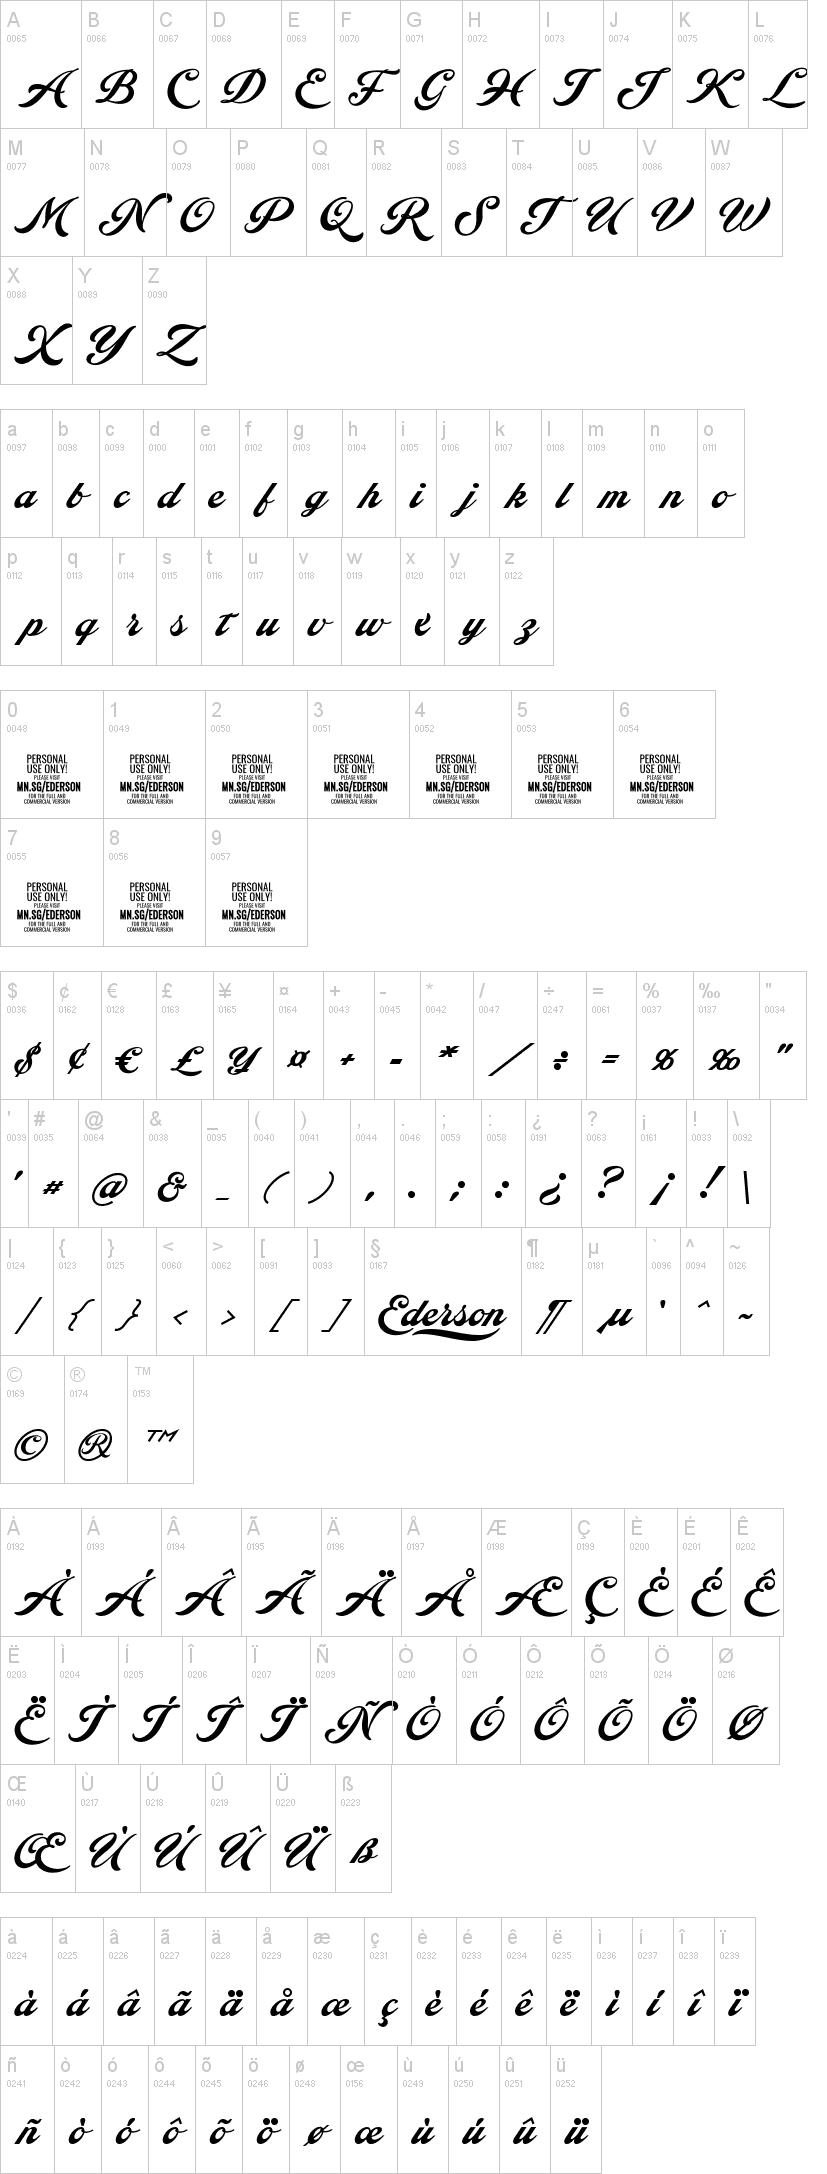 Ederson Font-1